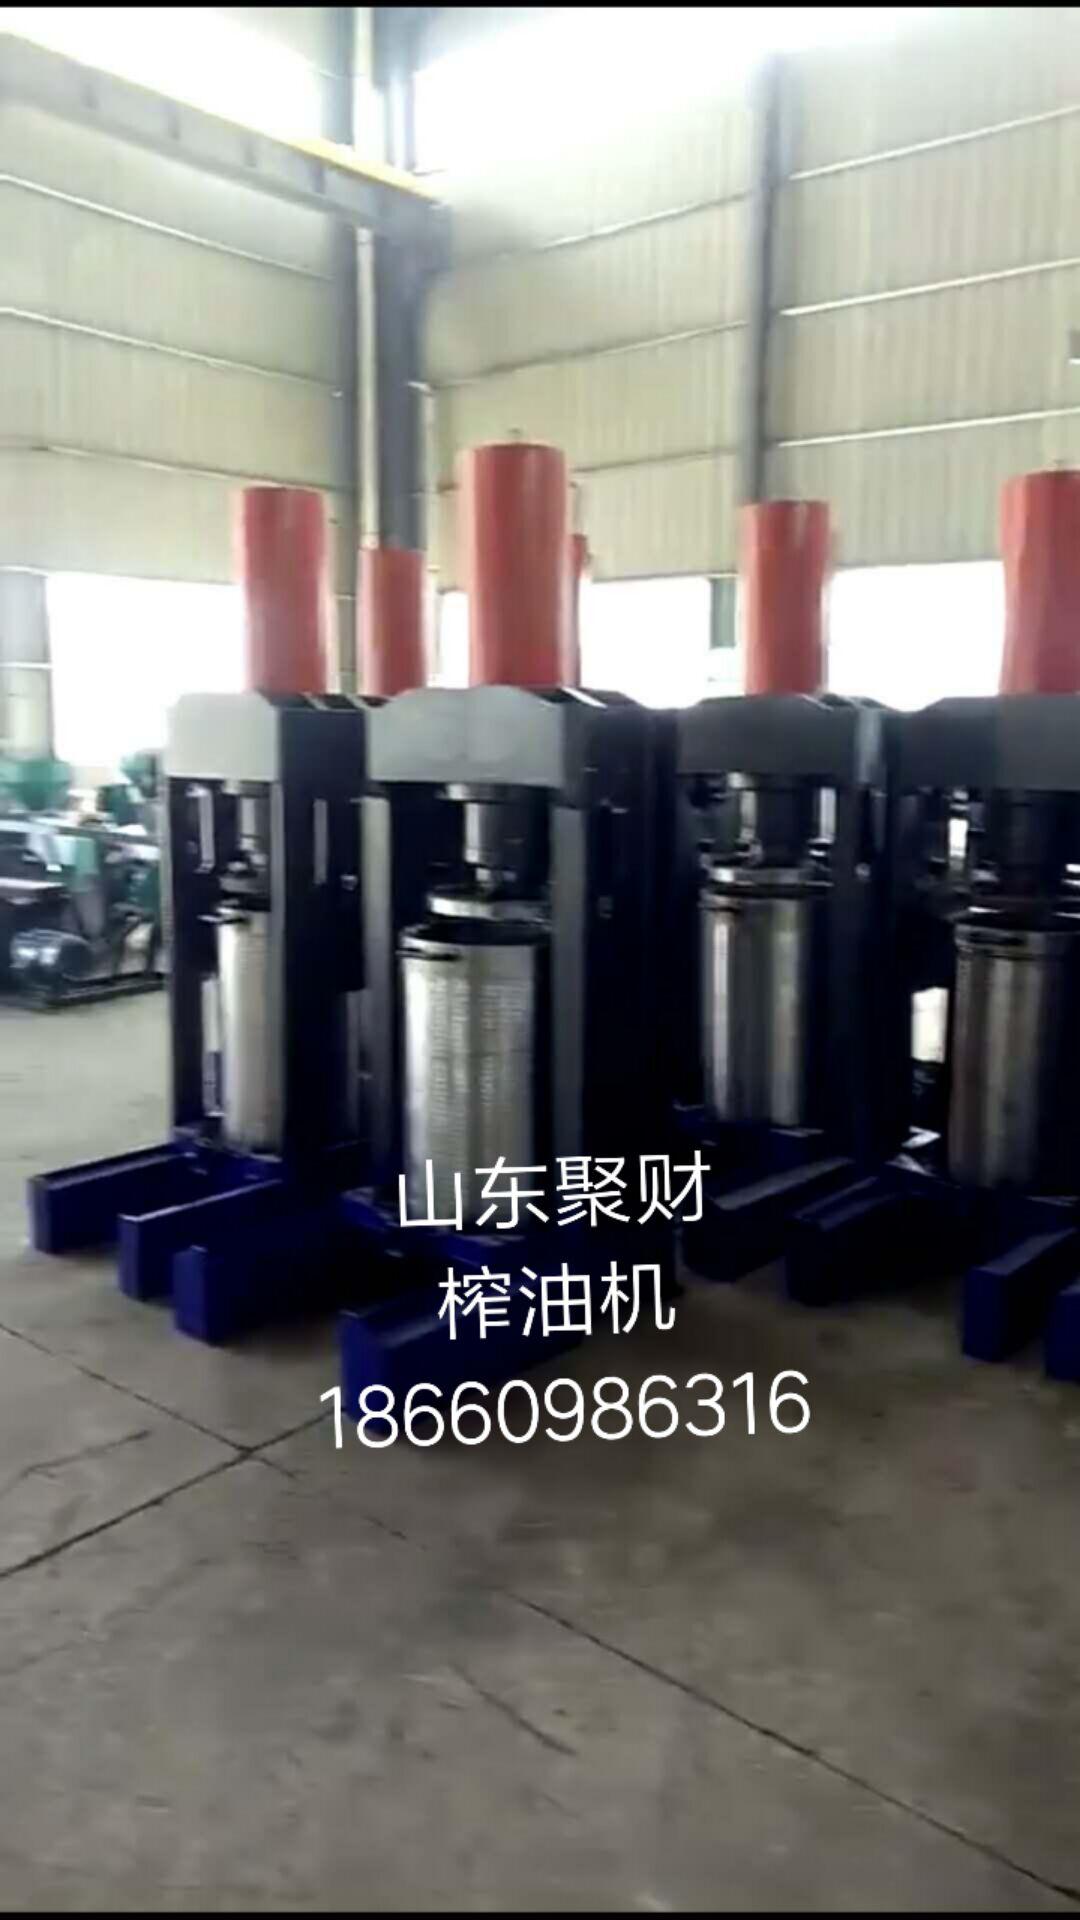 定制花生榨油机|哪有合格的花生榨油机成套设备制造厂